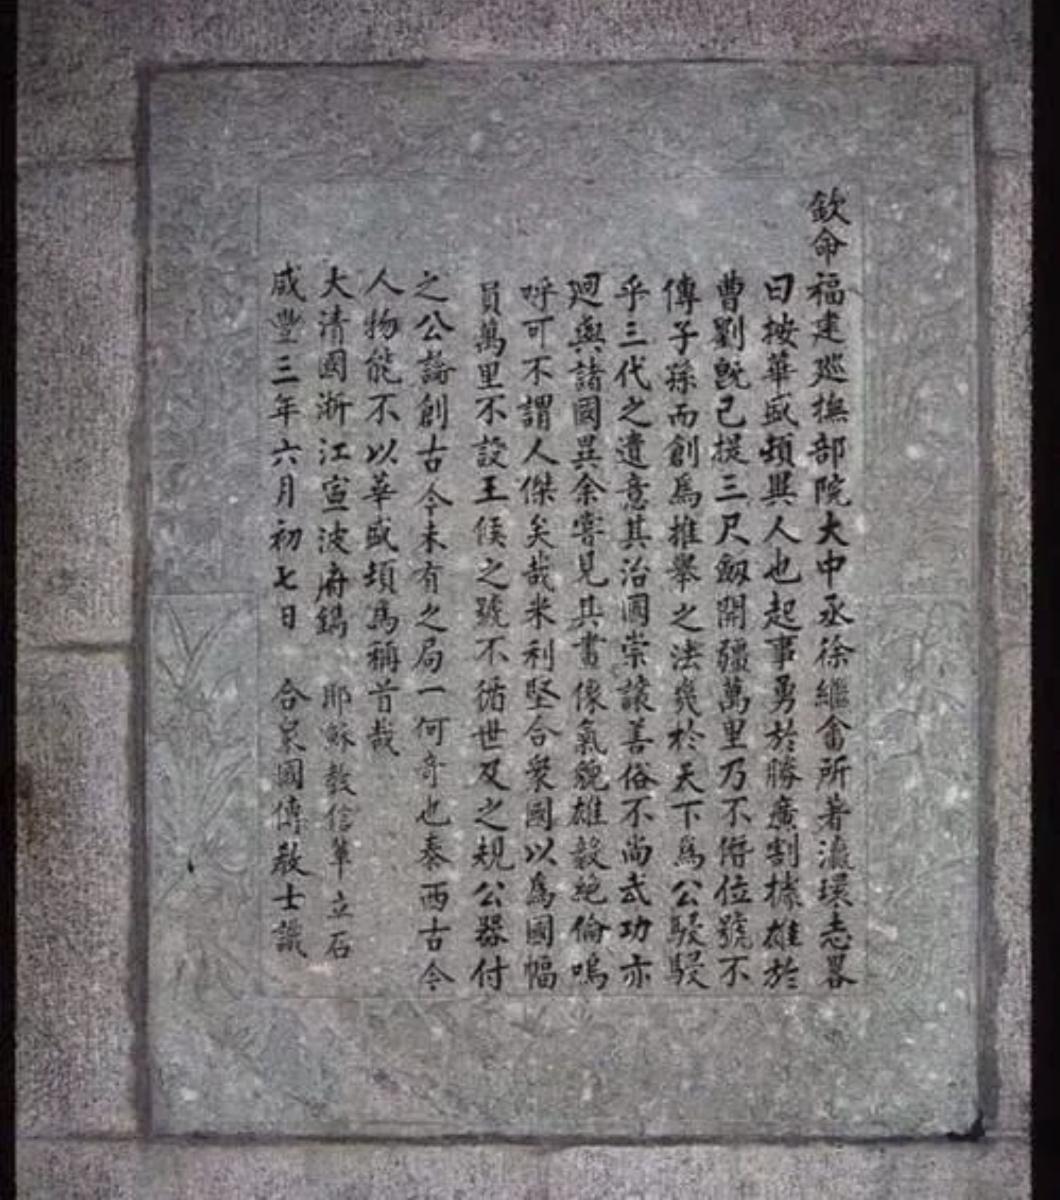 美国华盛顿纪念碑中的一块中文石碑_图1-2